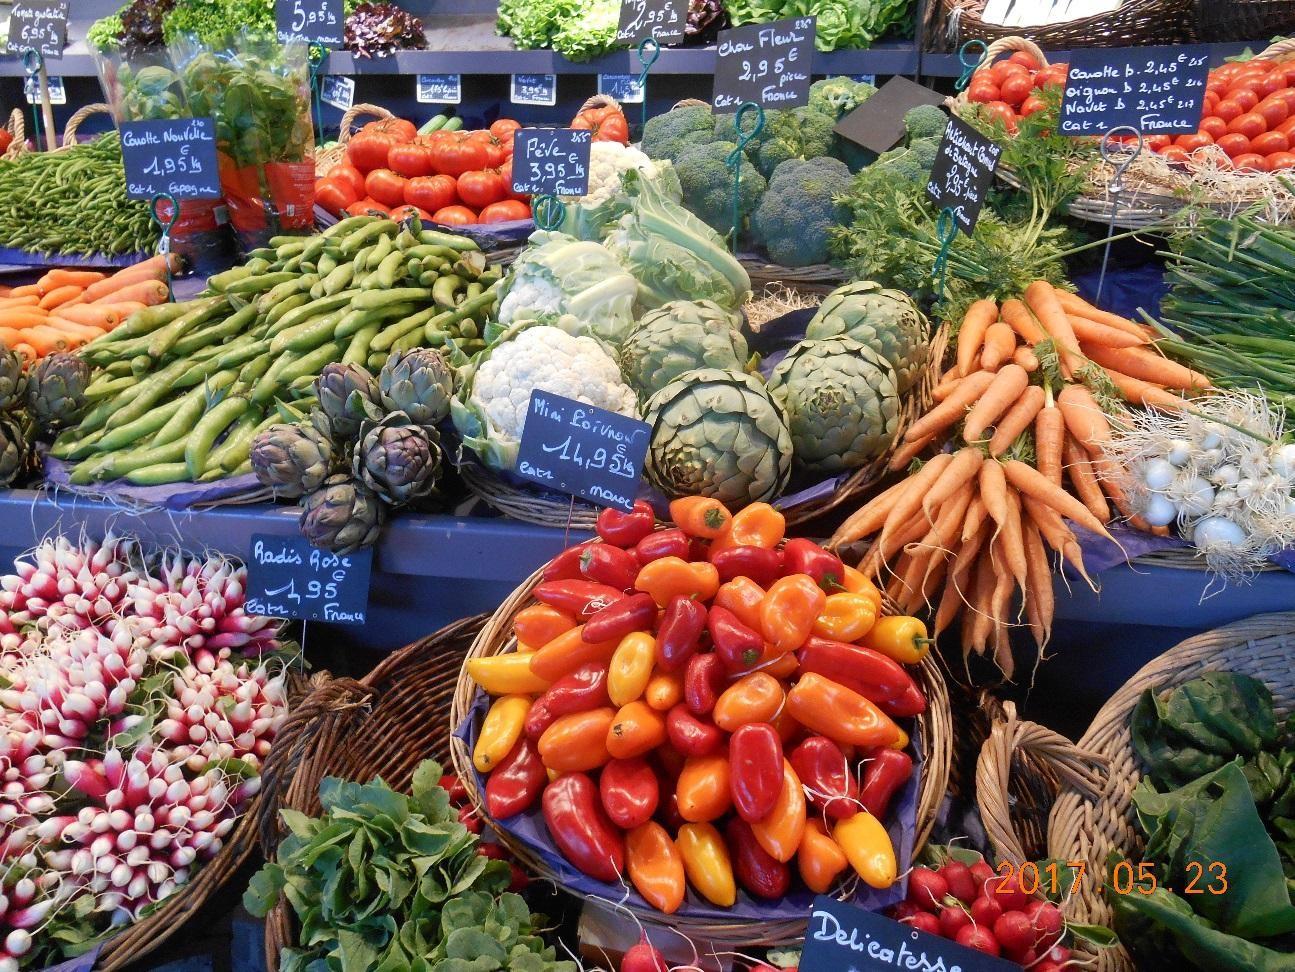 ジャンヌ・ダルク教会近くの青空市場の野菜と果物